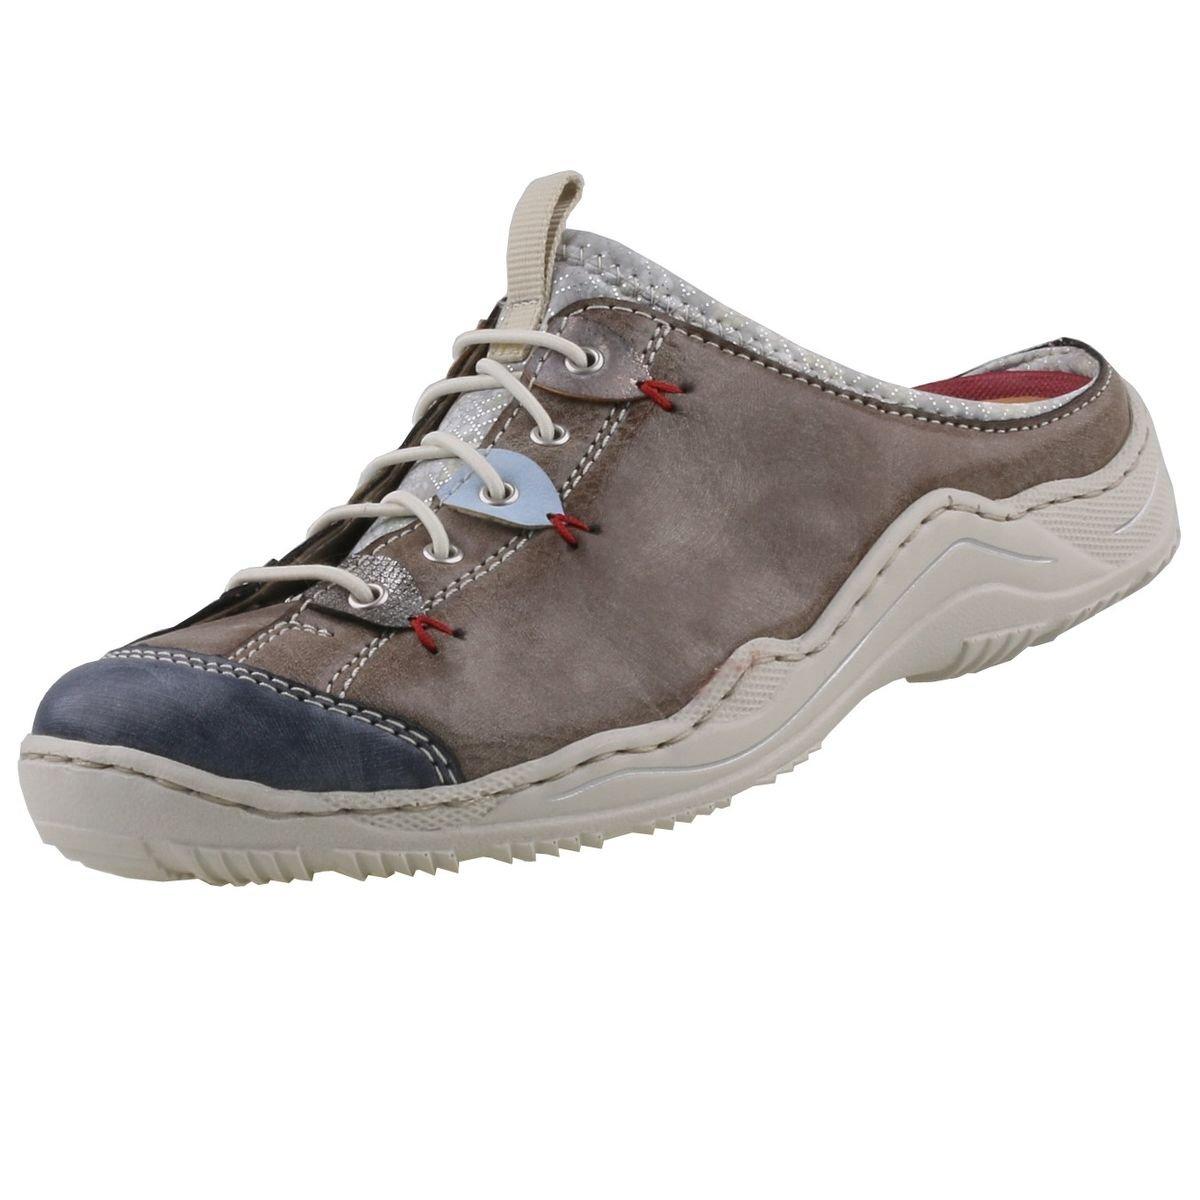 Rieker Mujeres Zapatos Abiertos Marrón, (Jeans/Cigar/altsilbe) L0588-14 39 EU|Jeans/Cigar/Altsilbe